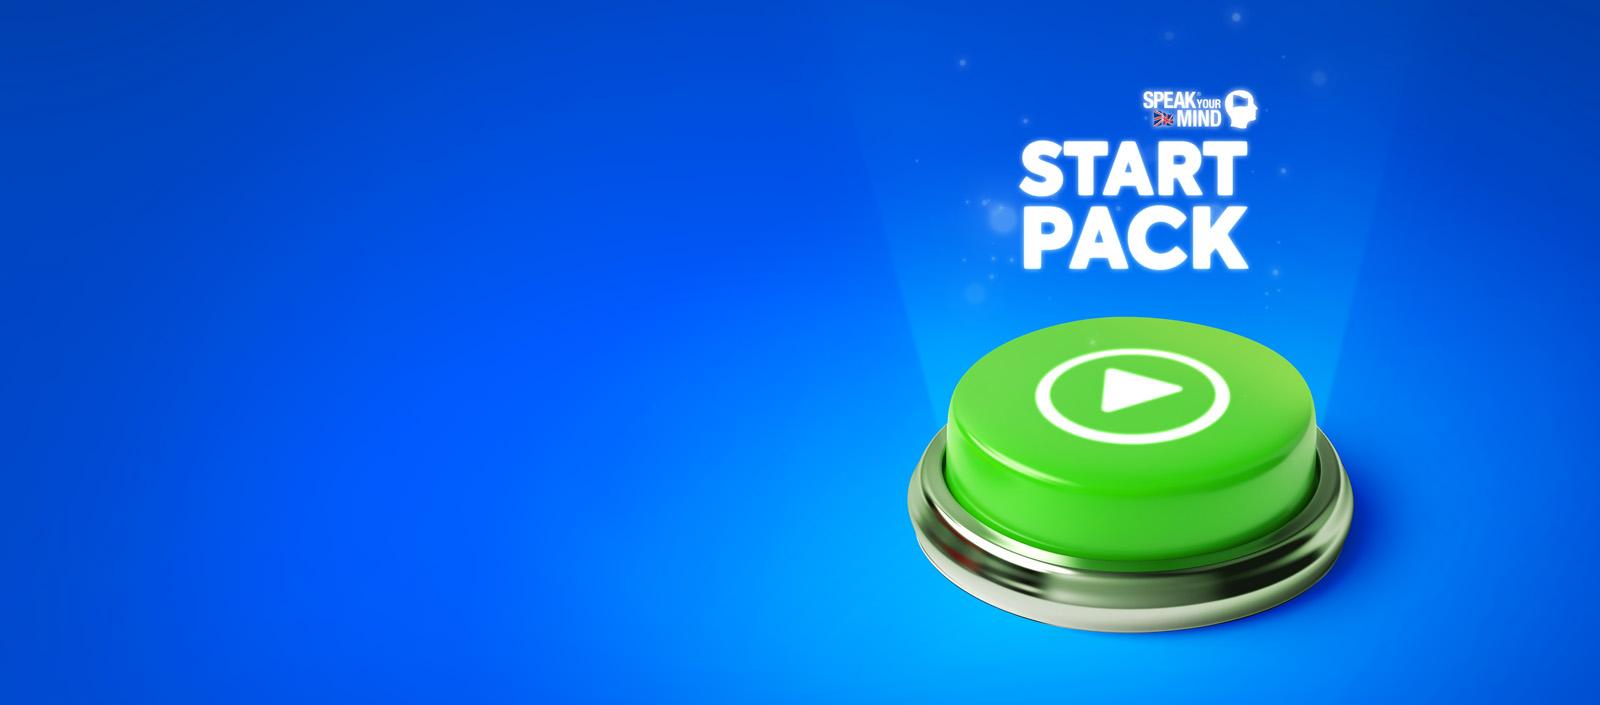 Start Pack di Speak Your Mind